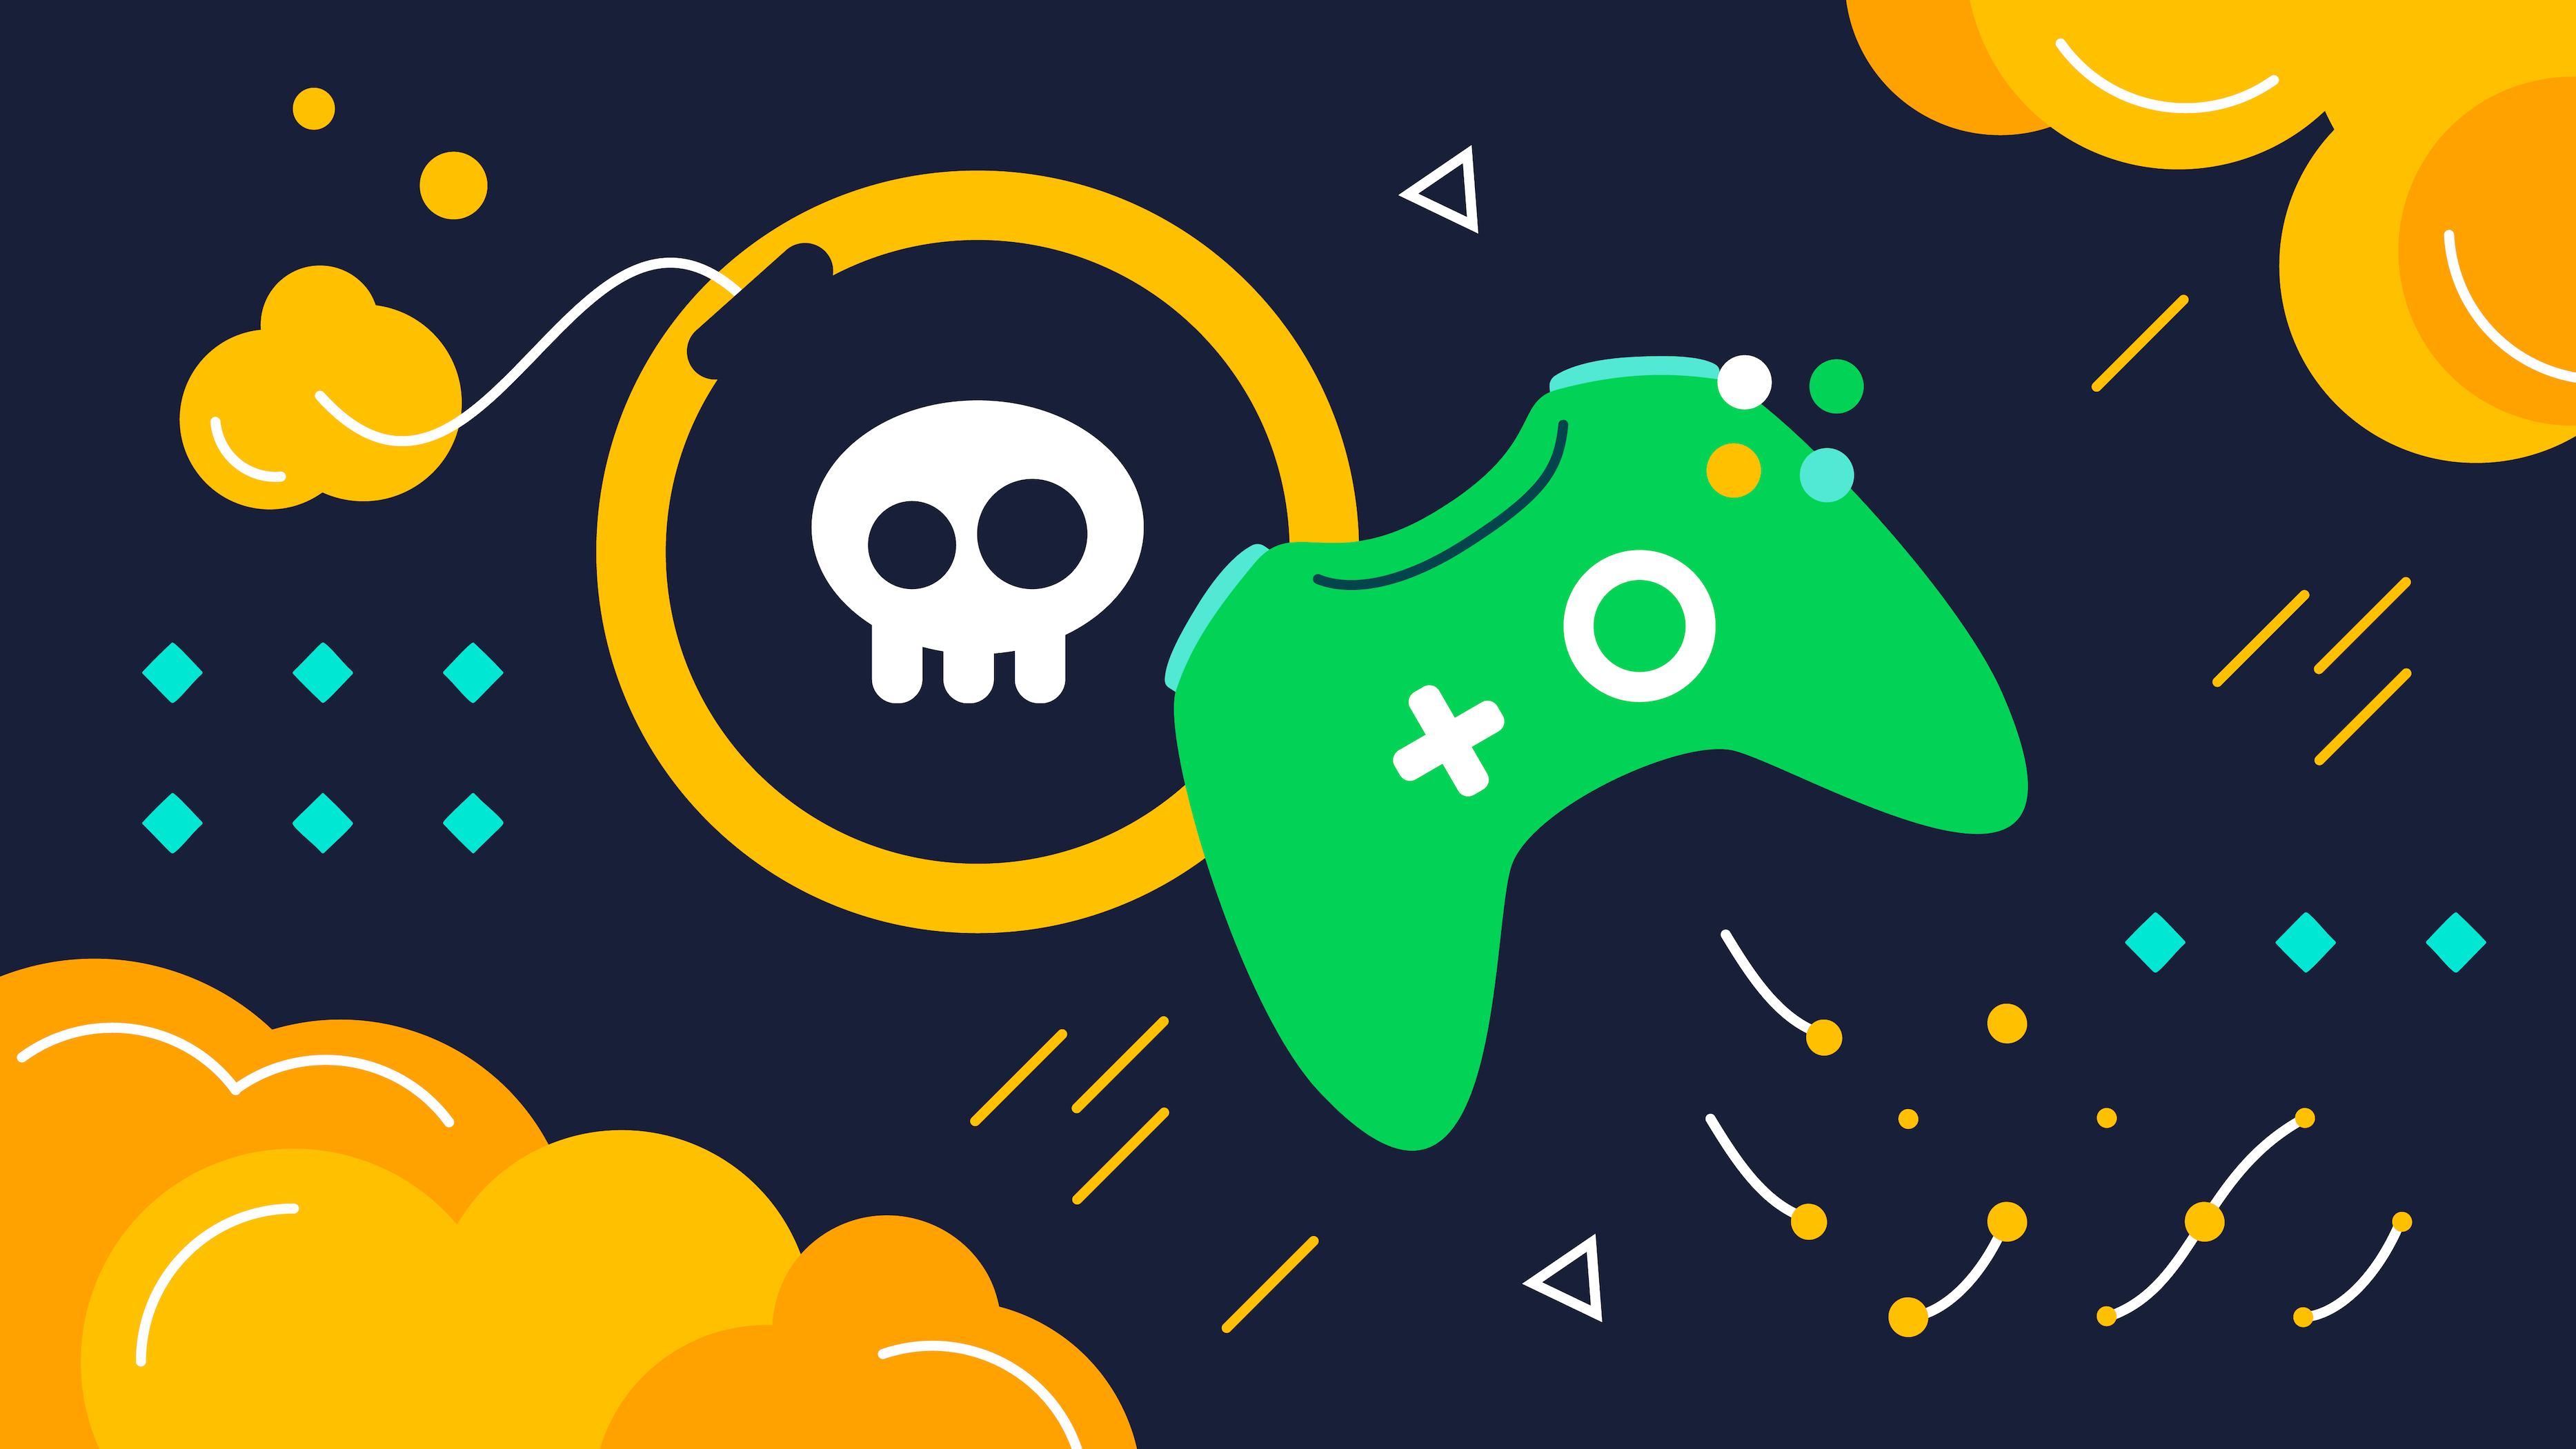 Тысячи потраченных часов на компьютерные игры: стоило ли это того - 1